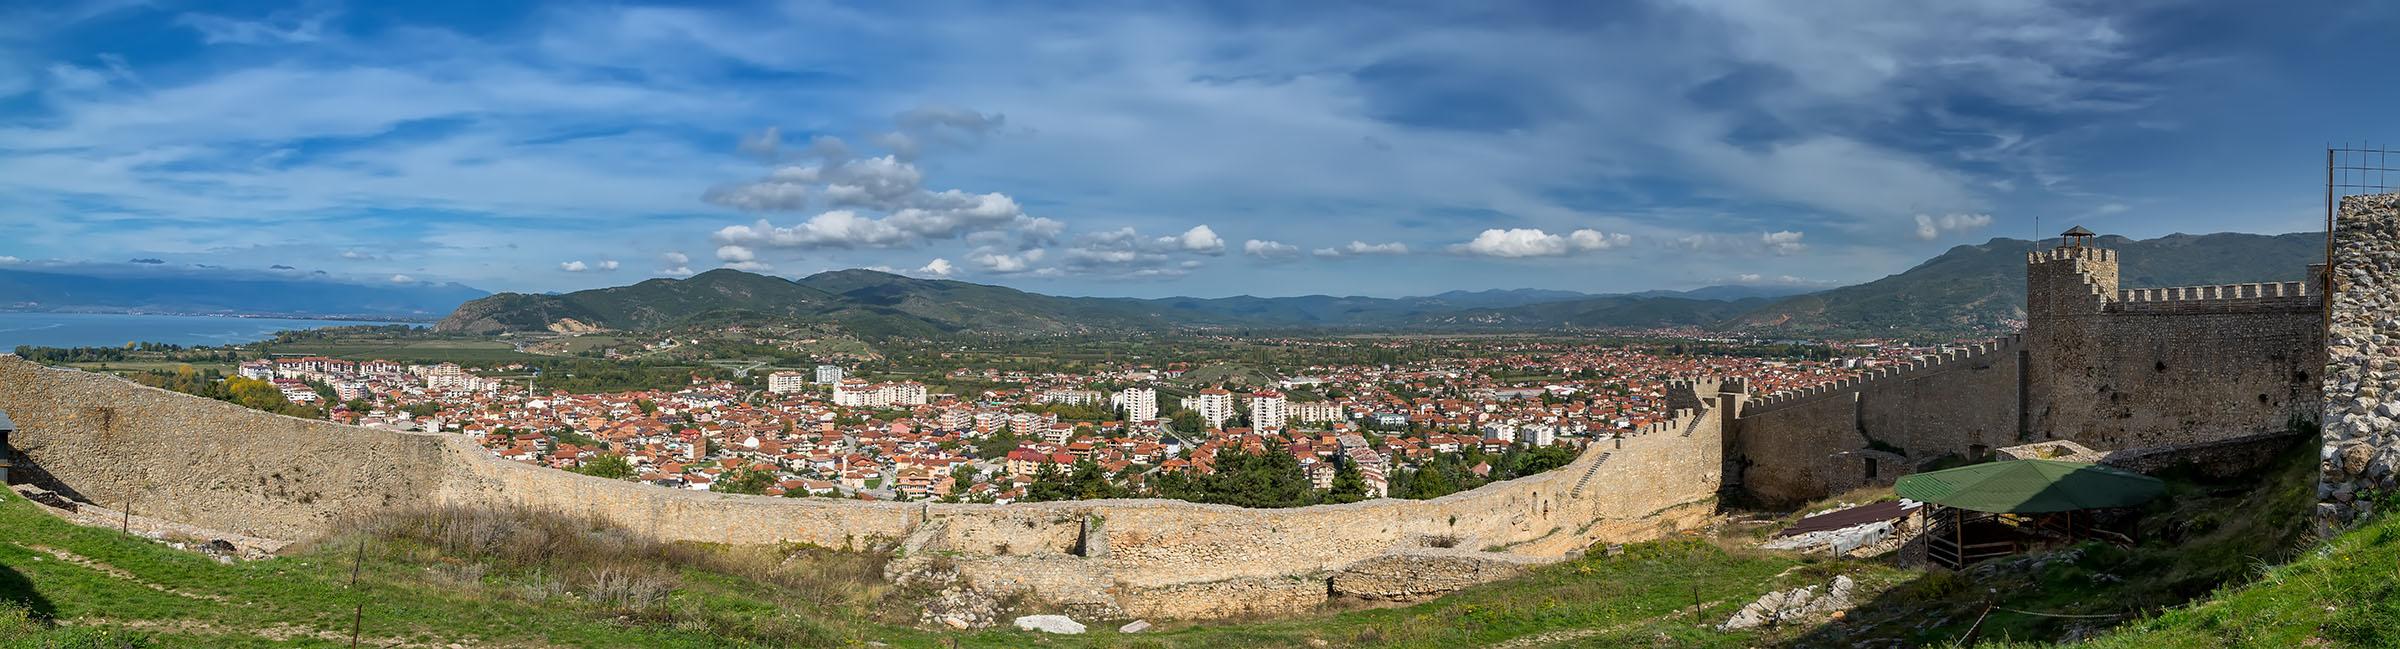 Самуиловата крепост